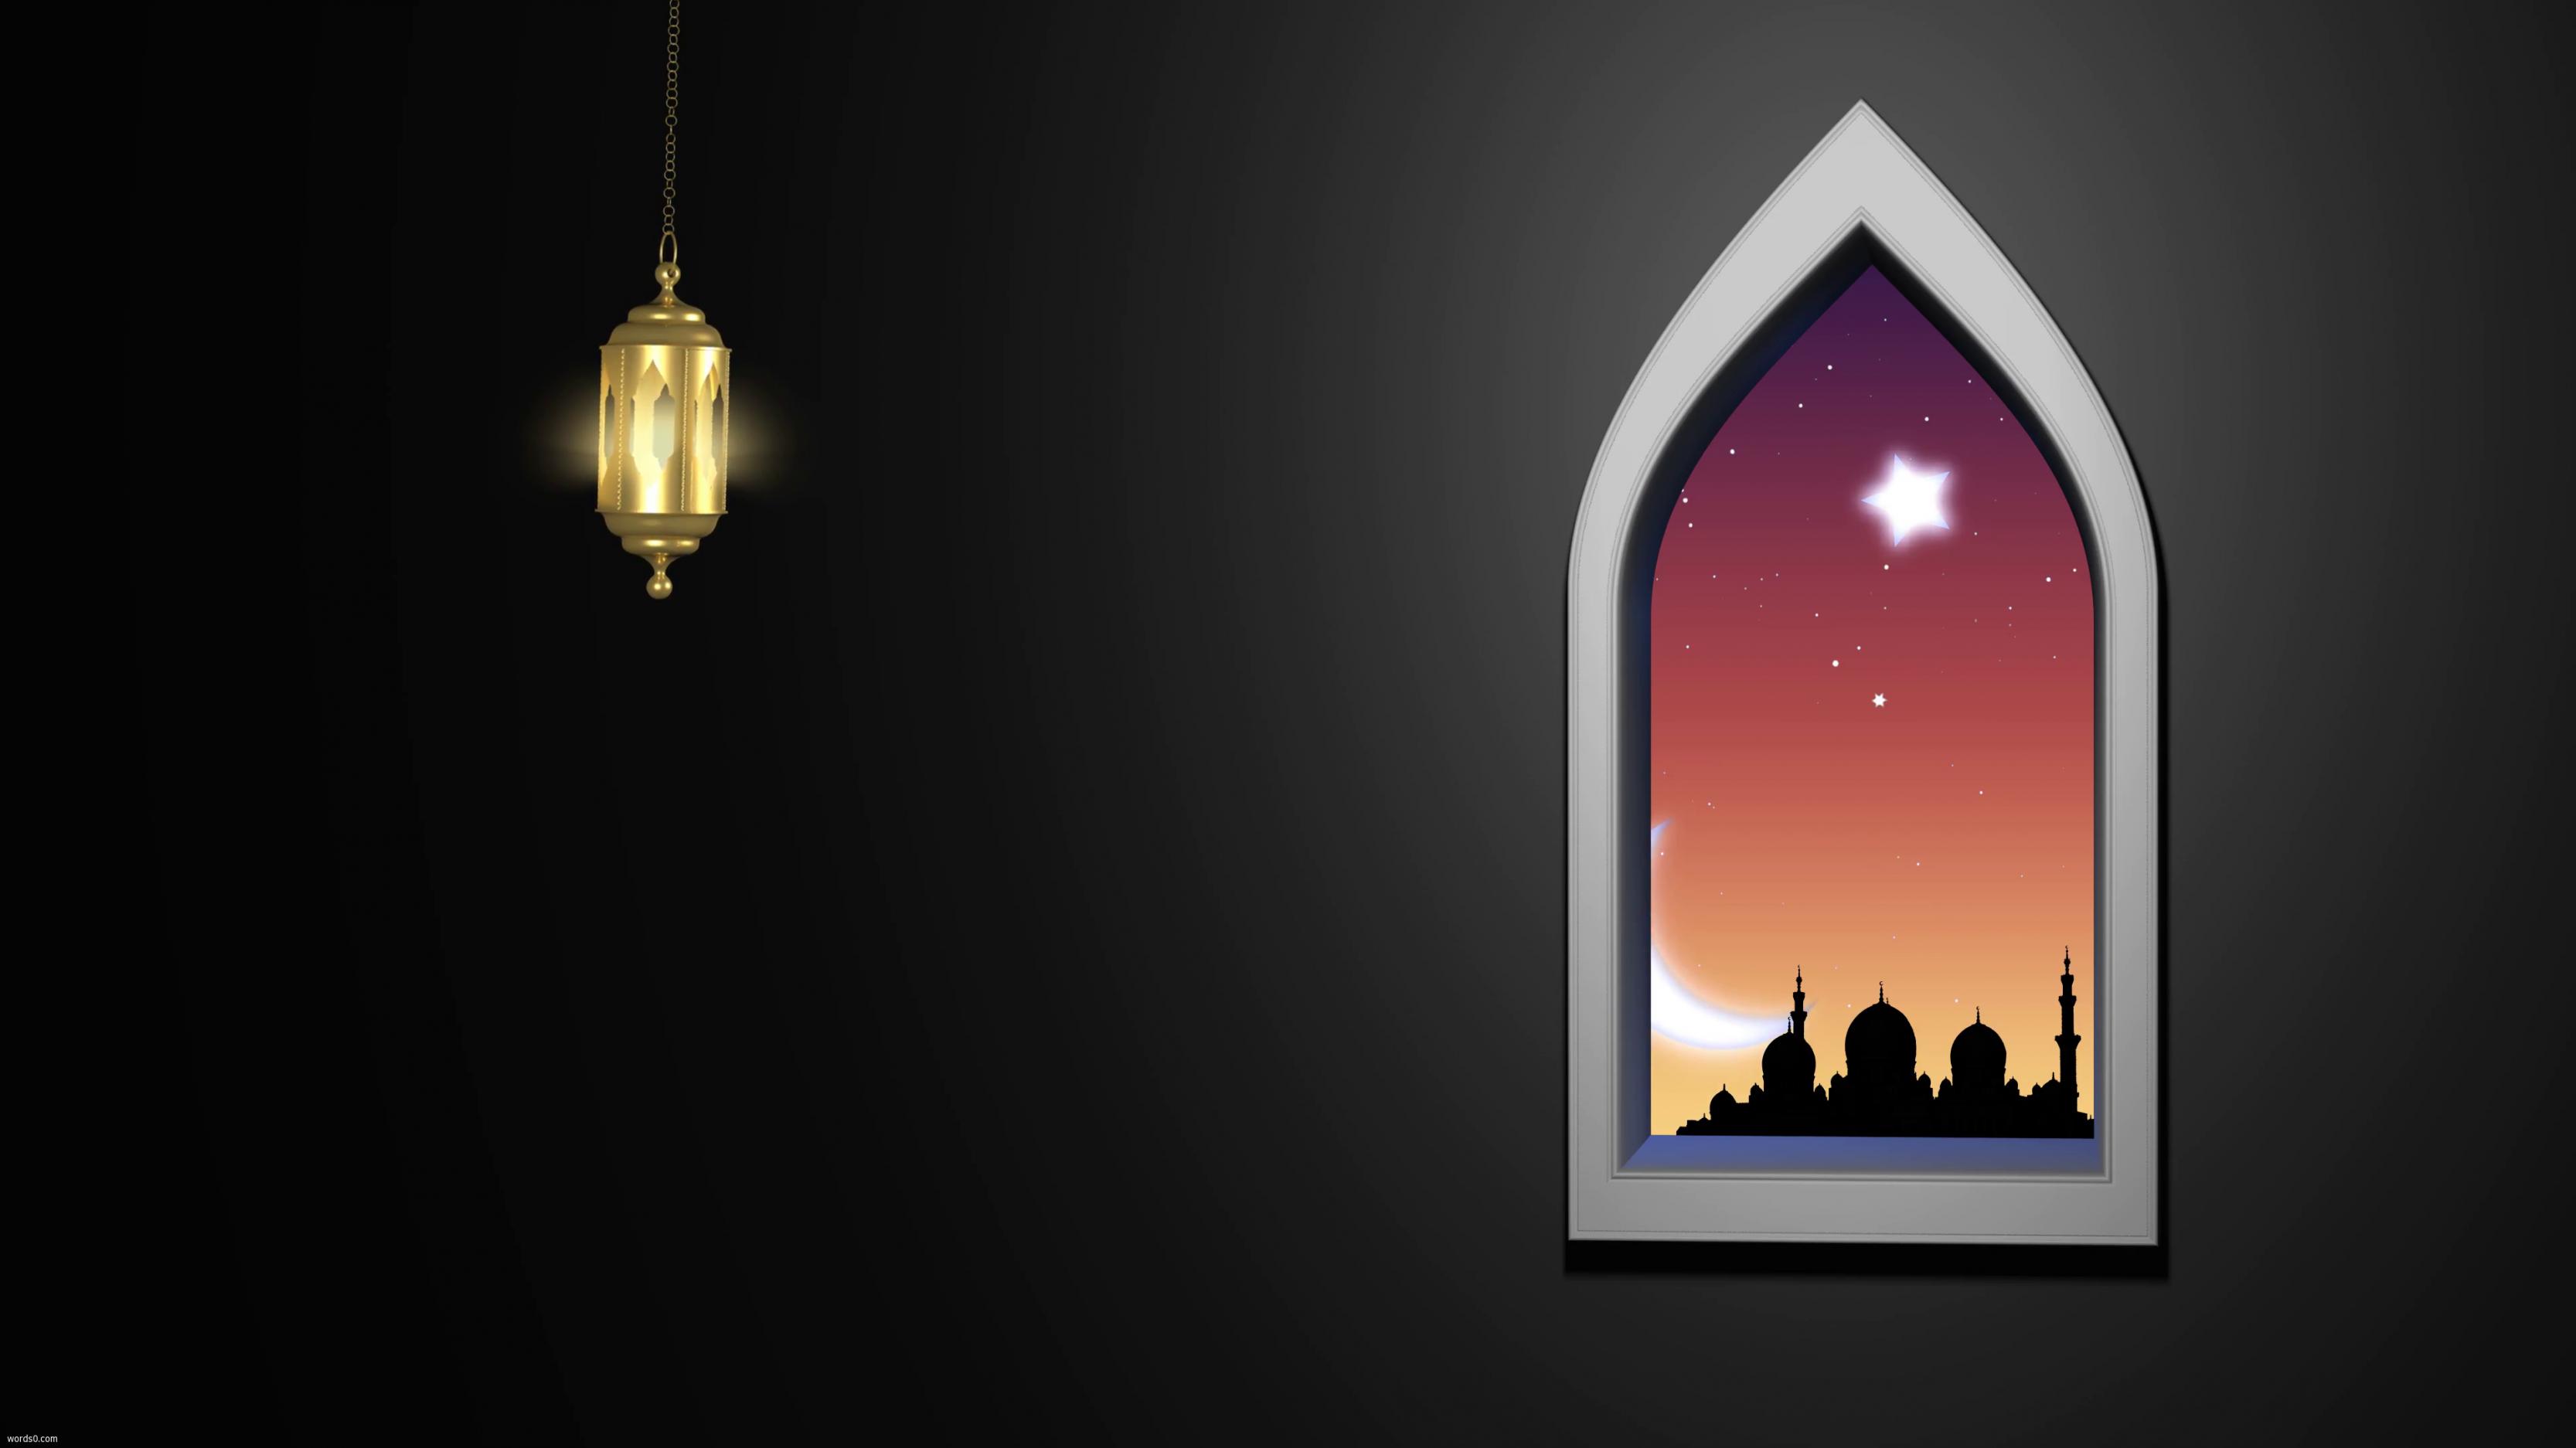 بالصور دعاء الافطار في رمضان , ادعيه رمضان 2265 1